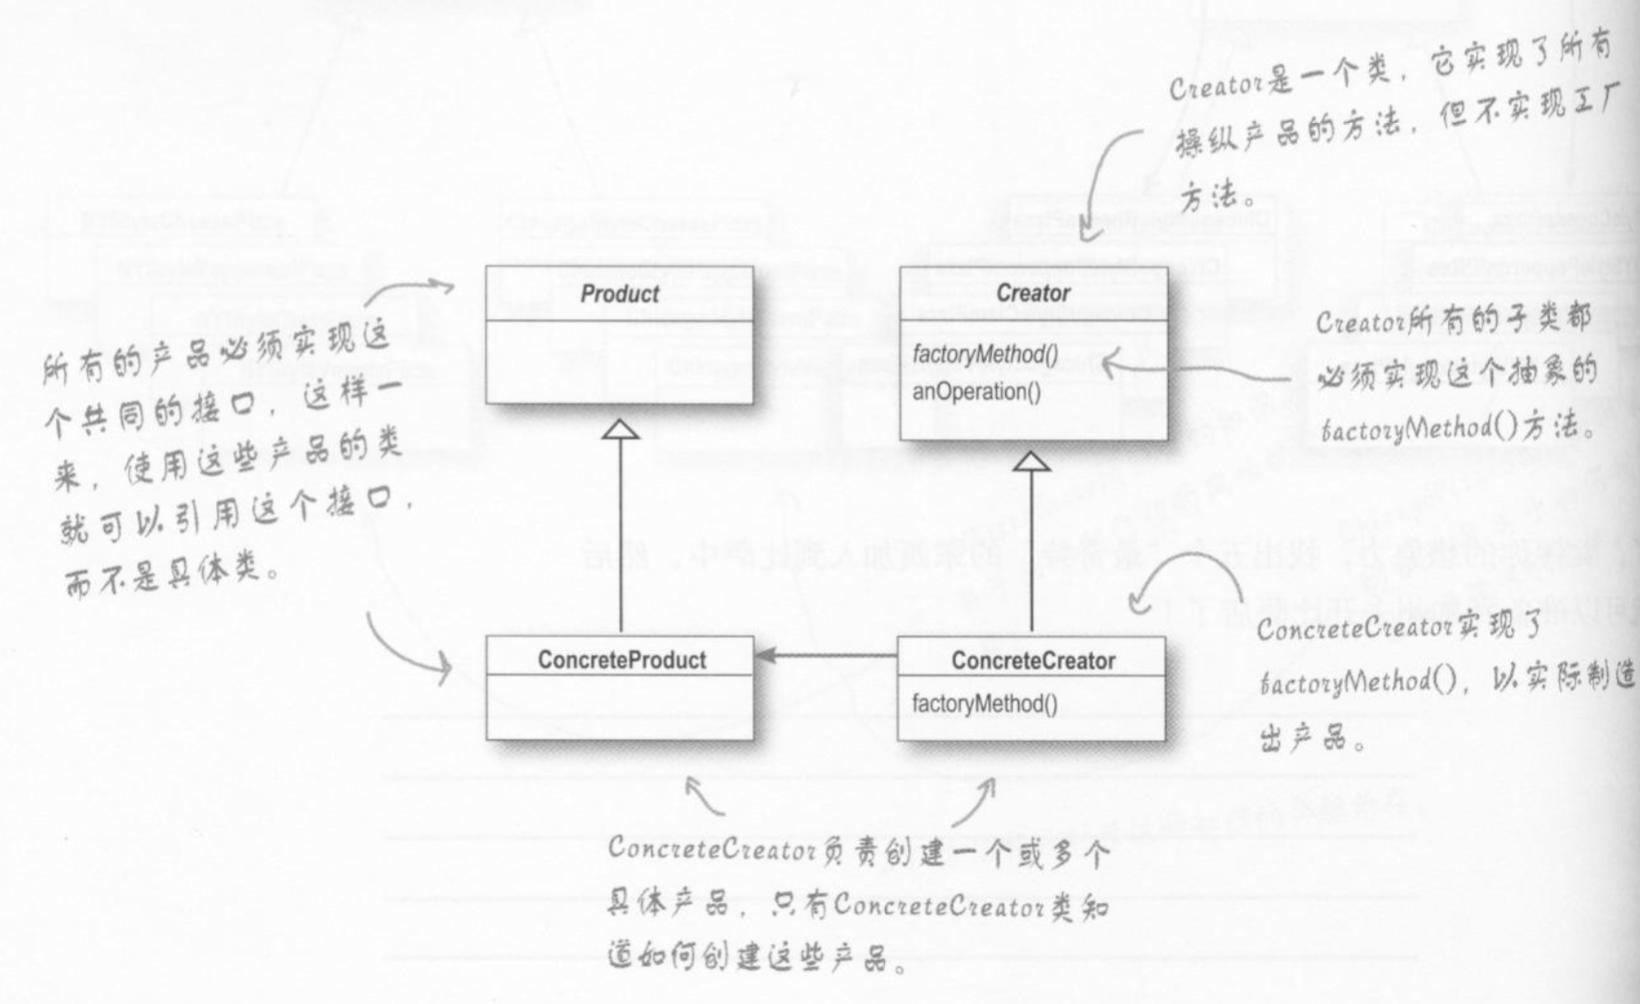 工厂方法类图